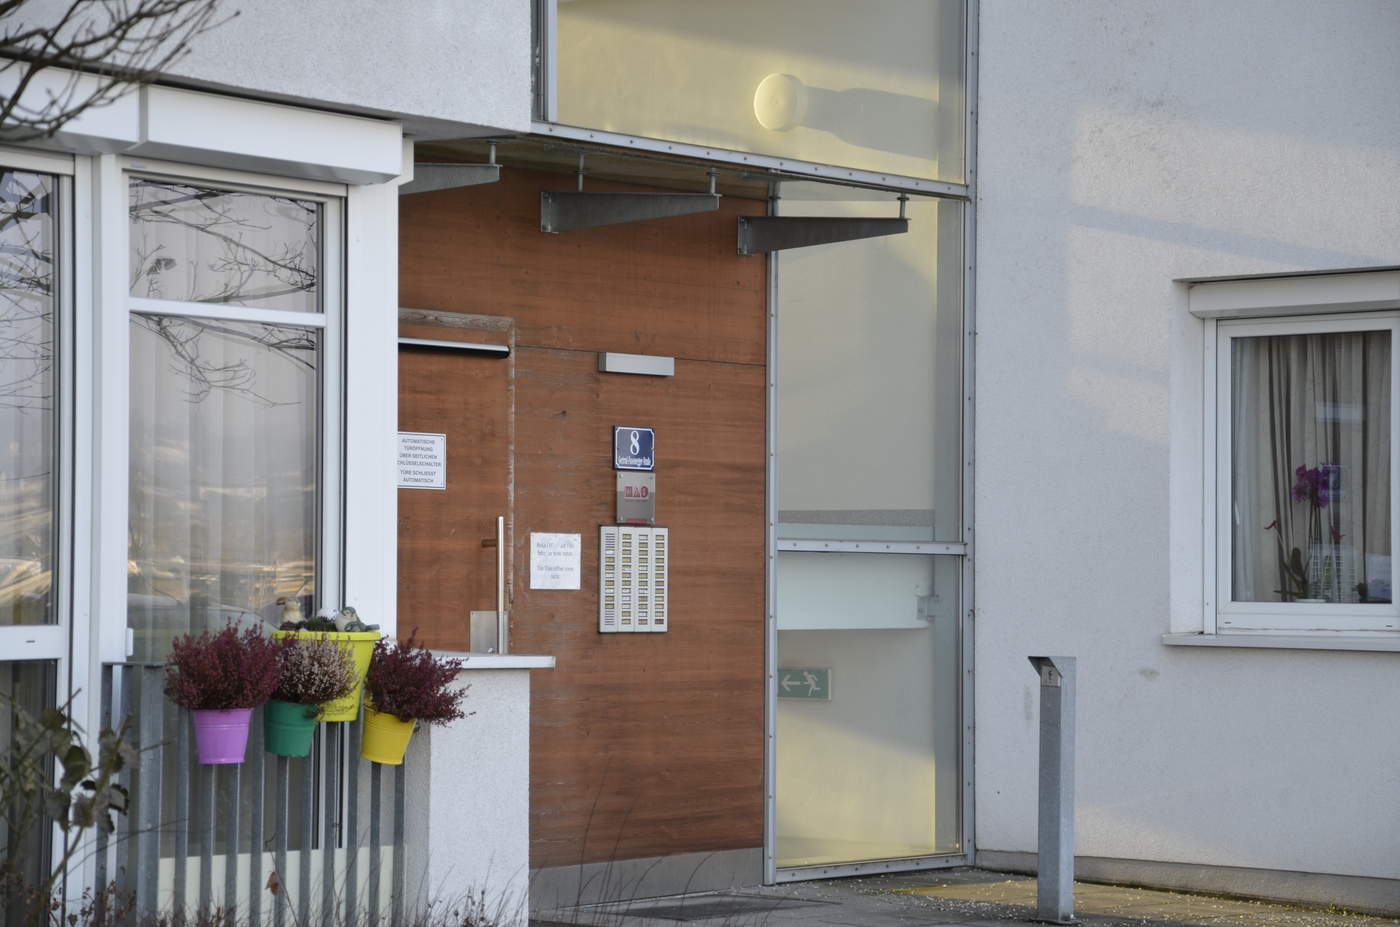 Eingang des Betreubaren Wohnen in der Gertrud-Fussenegger-Straße